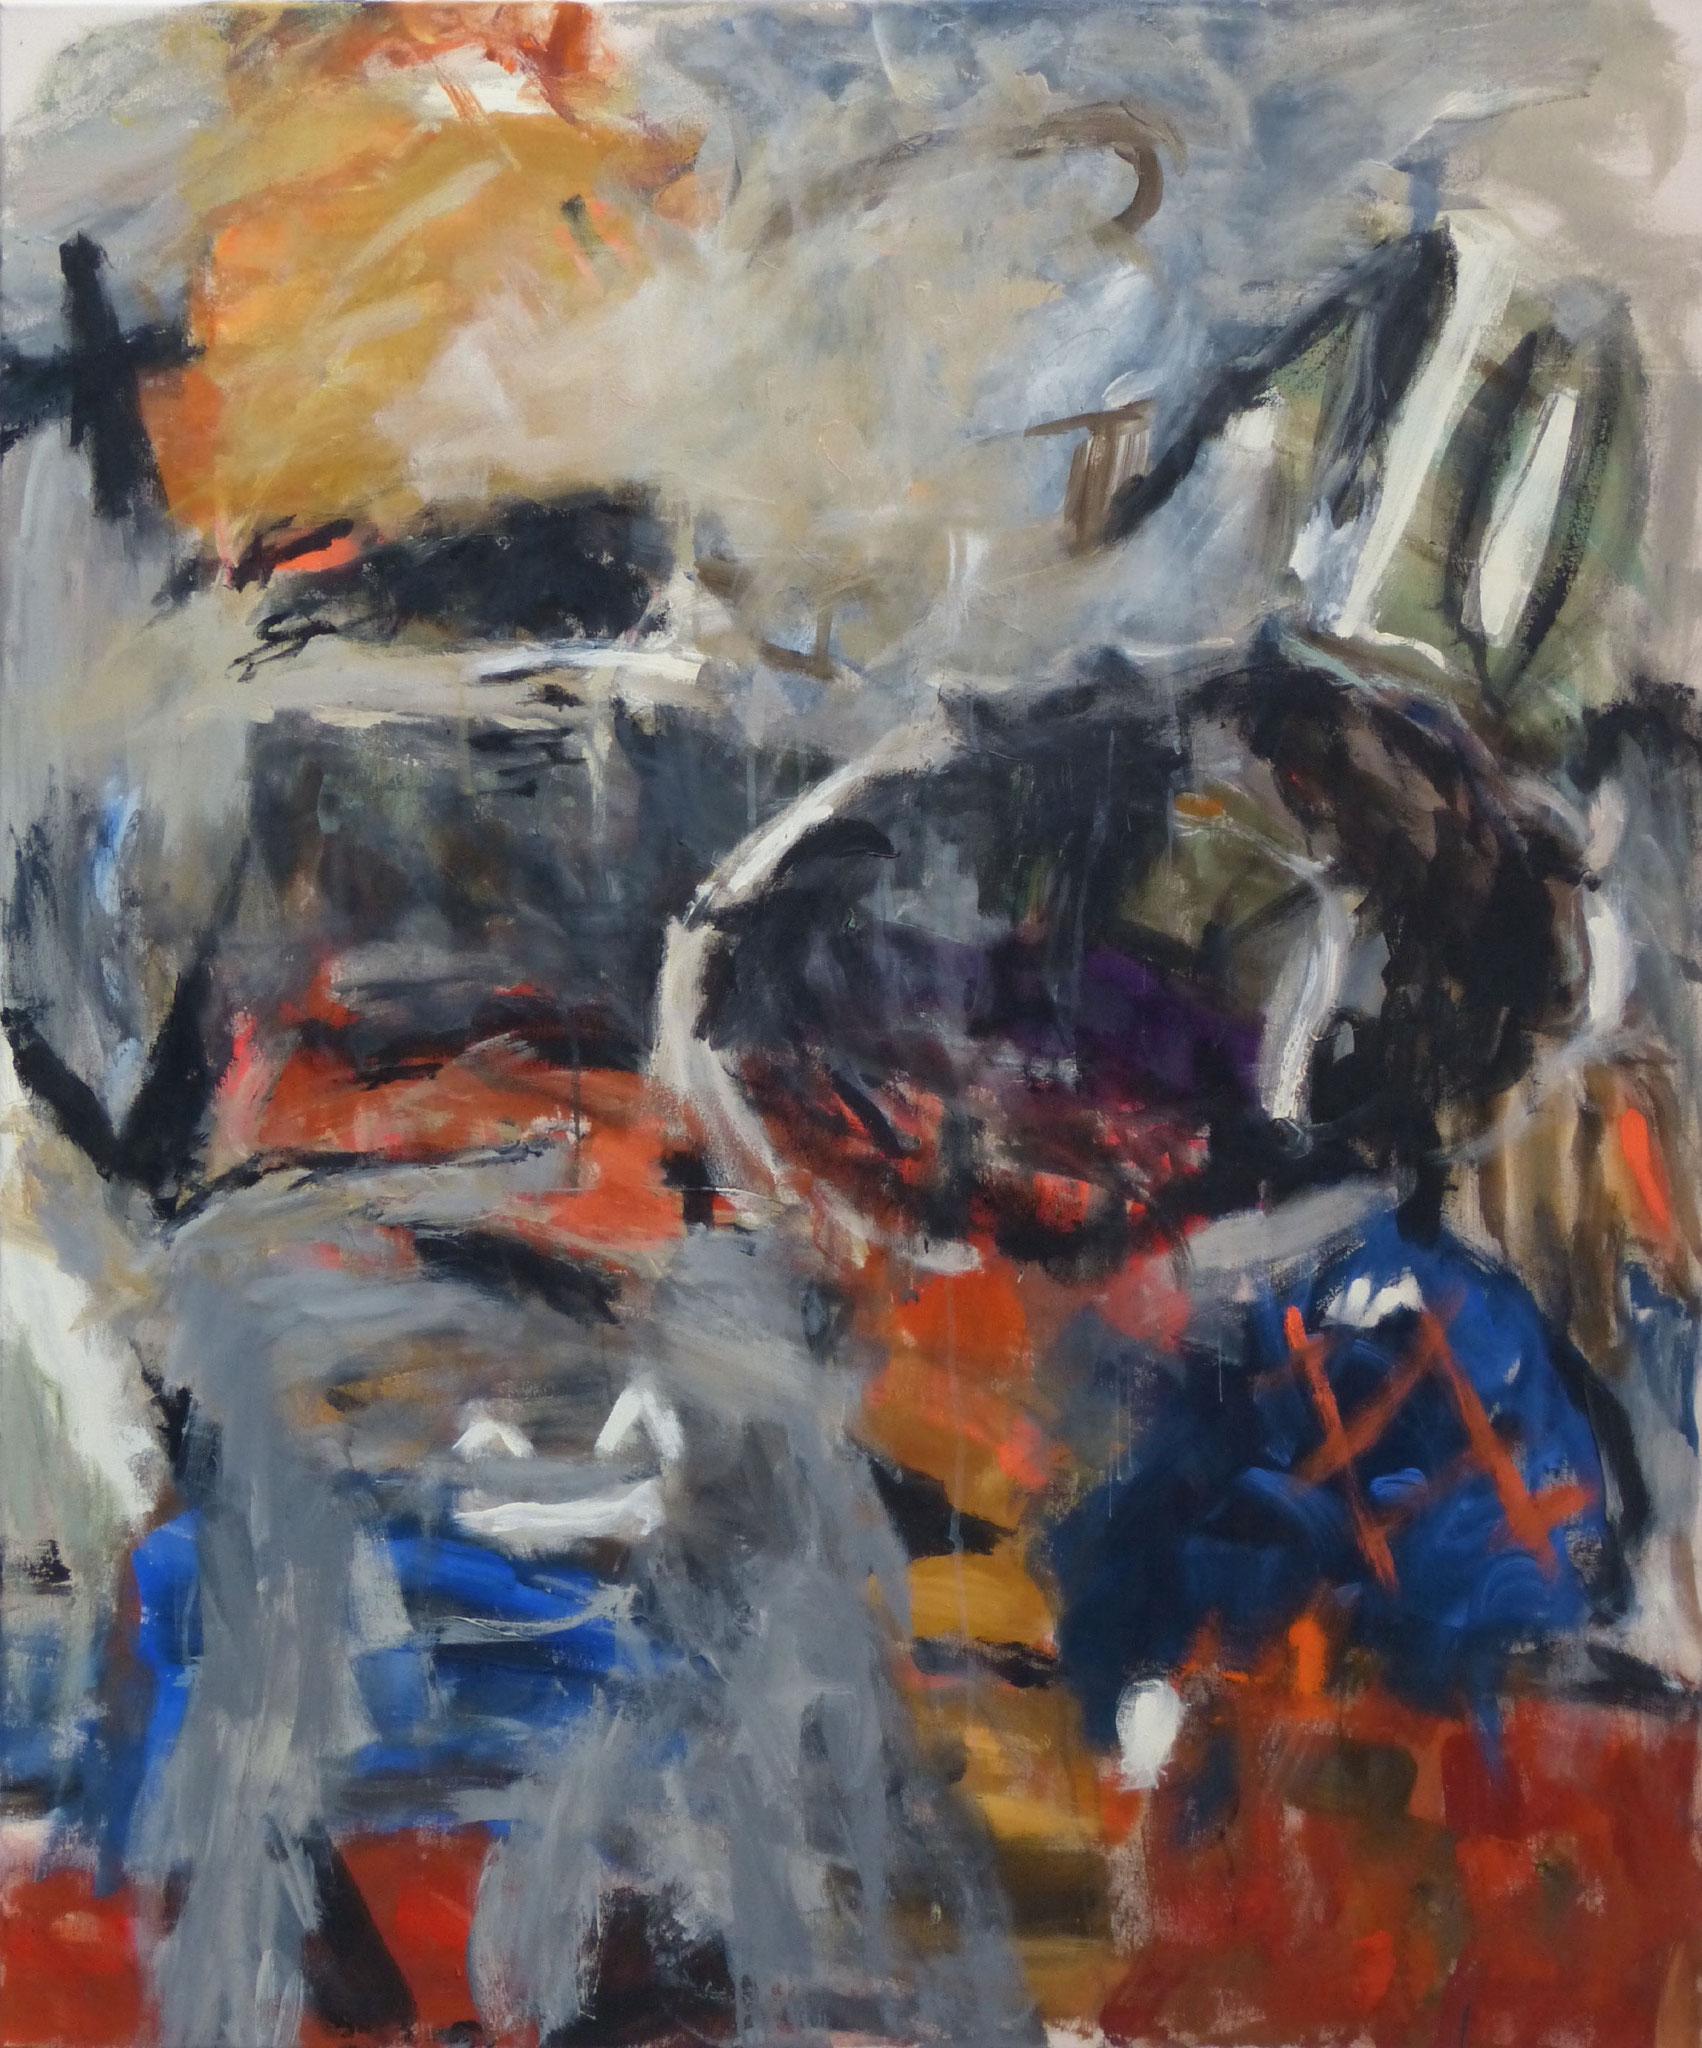 Marrakesch 7,  Acryl/Leinwand, 120x100 cm, 2018